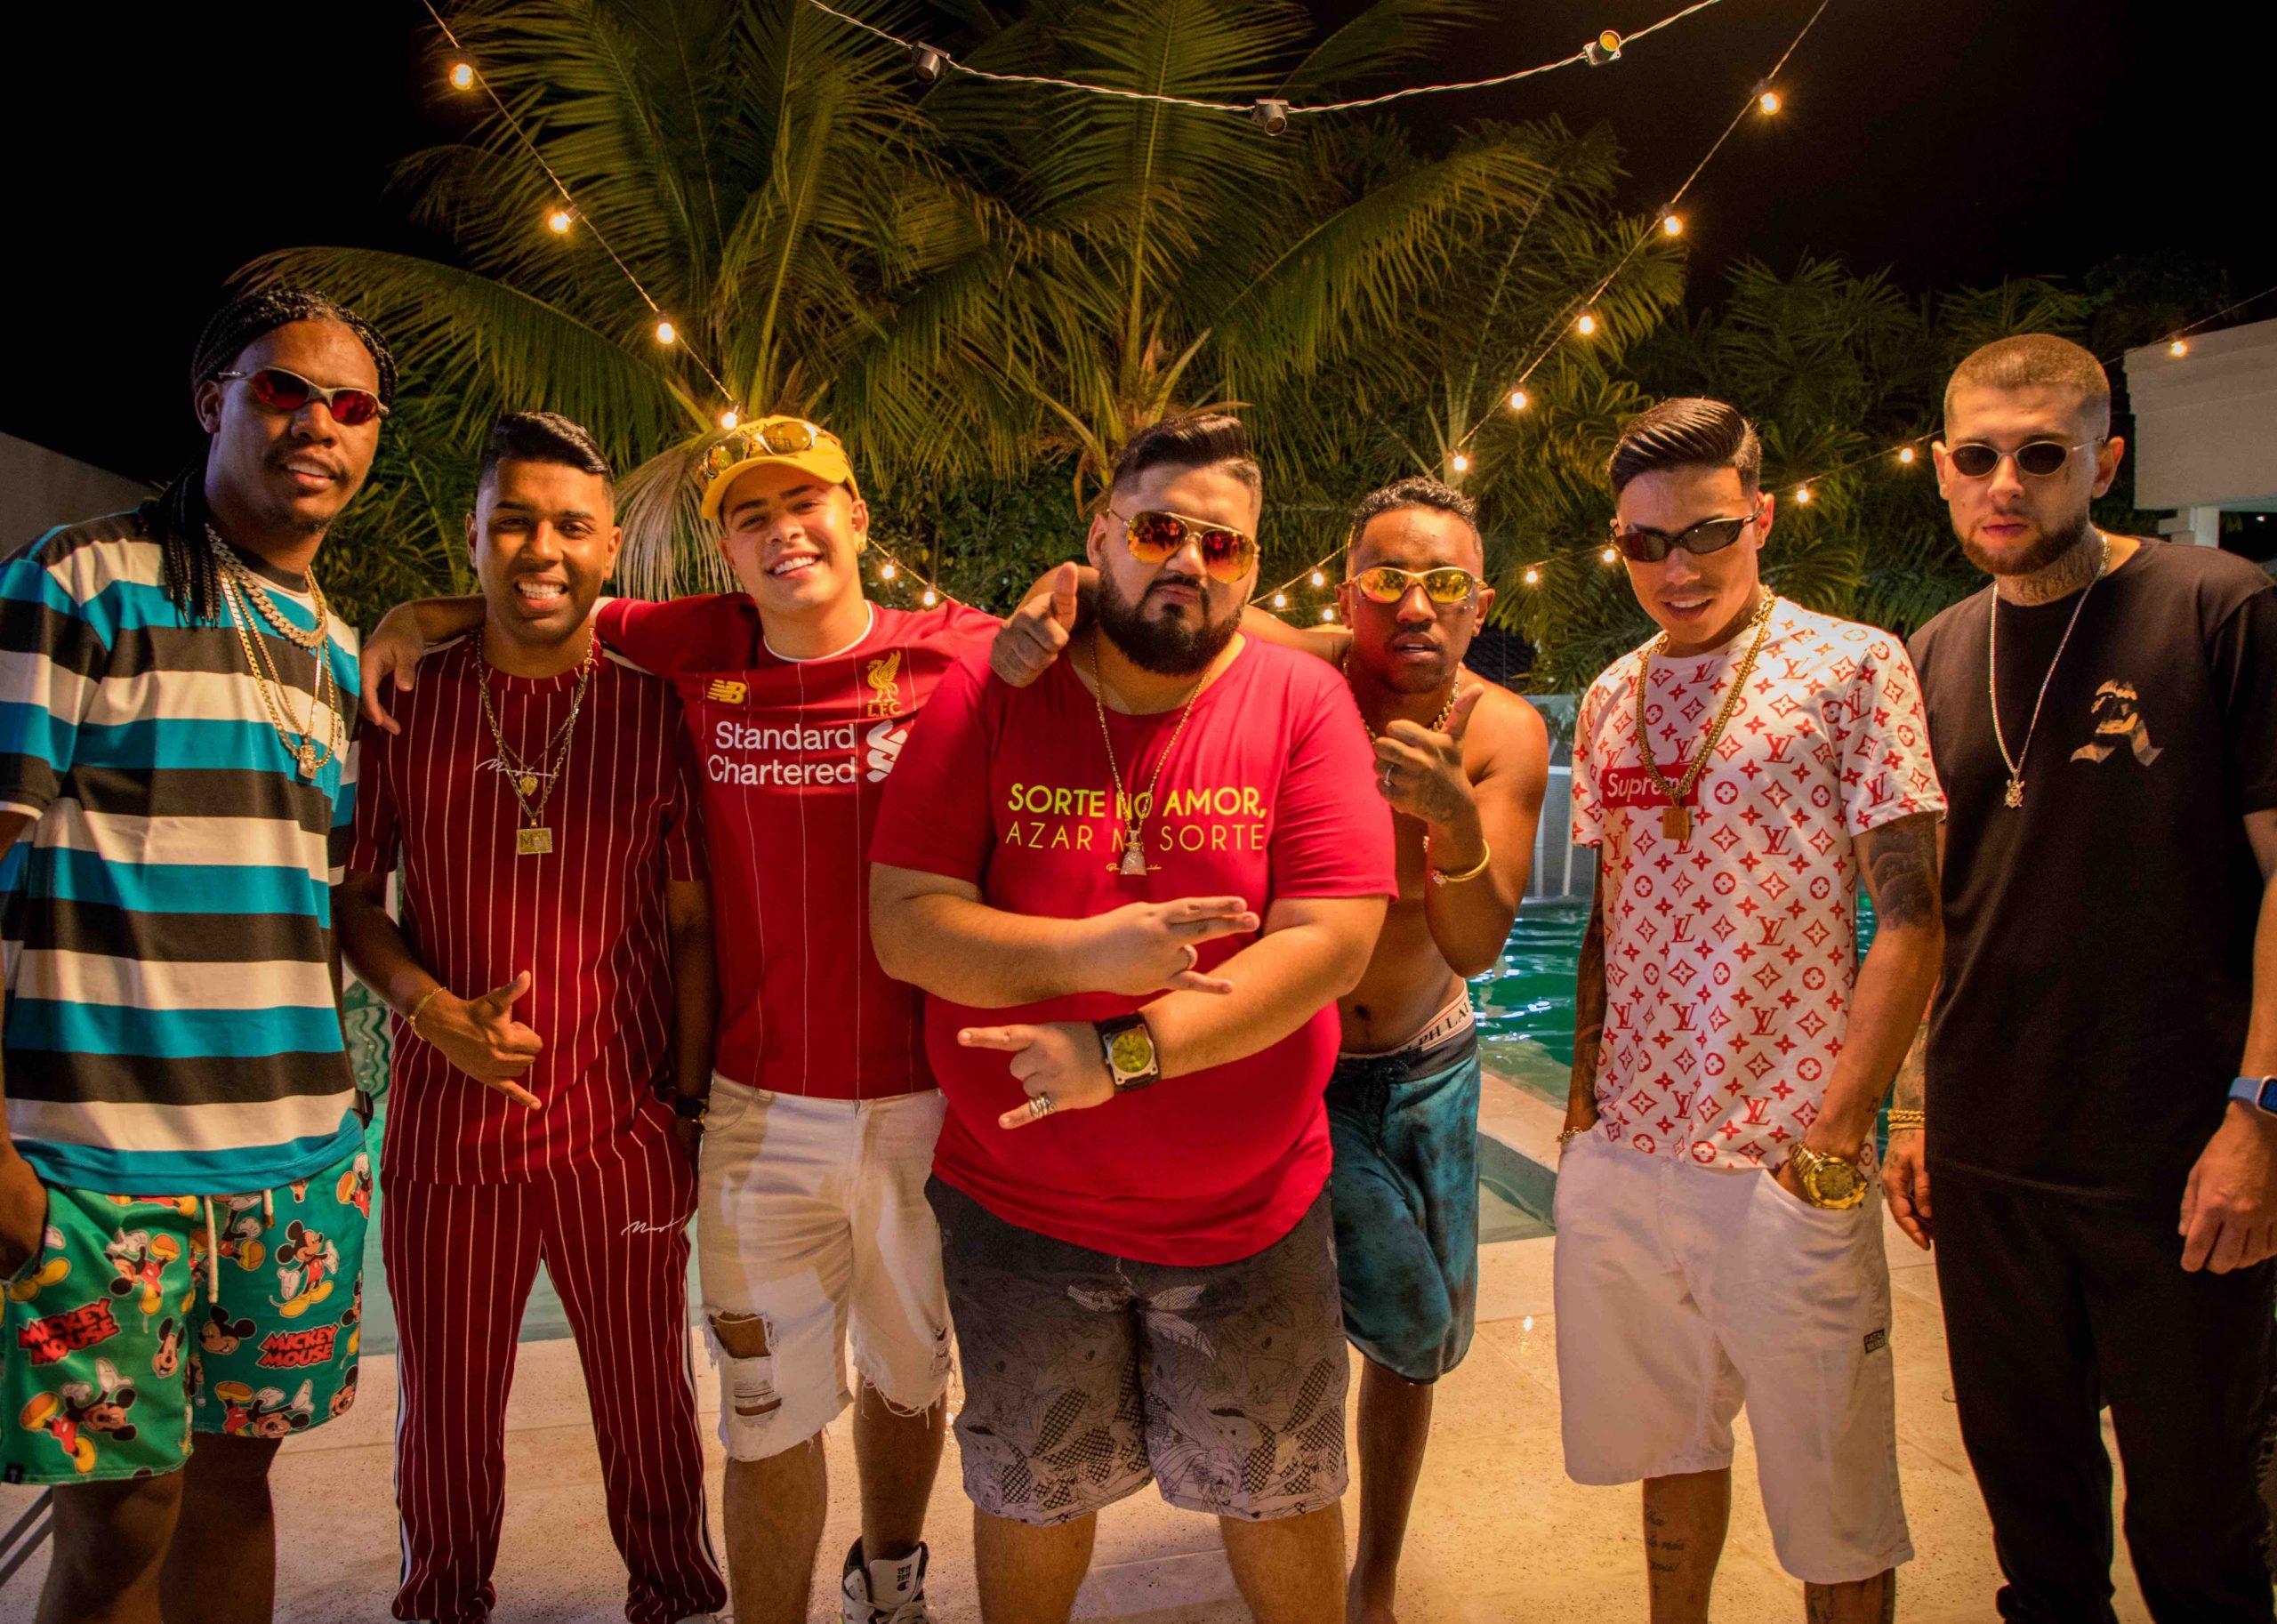 Set do DJ RD veio para exaltar todos os tipos de mulheres